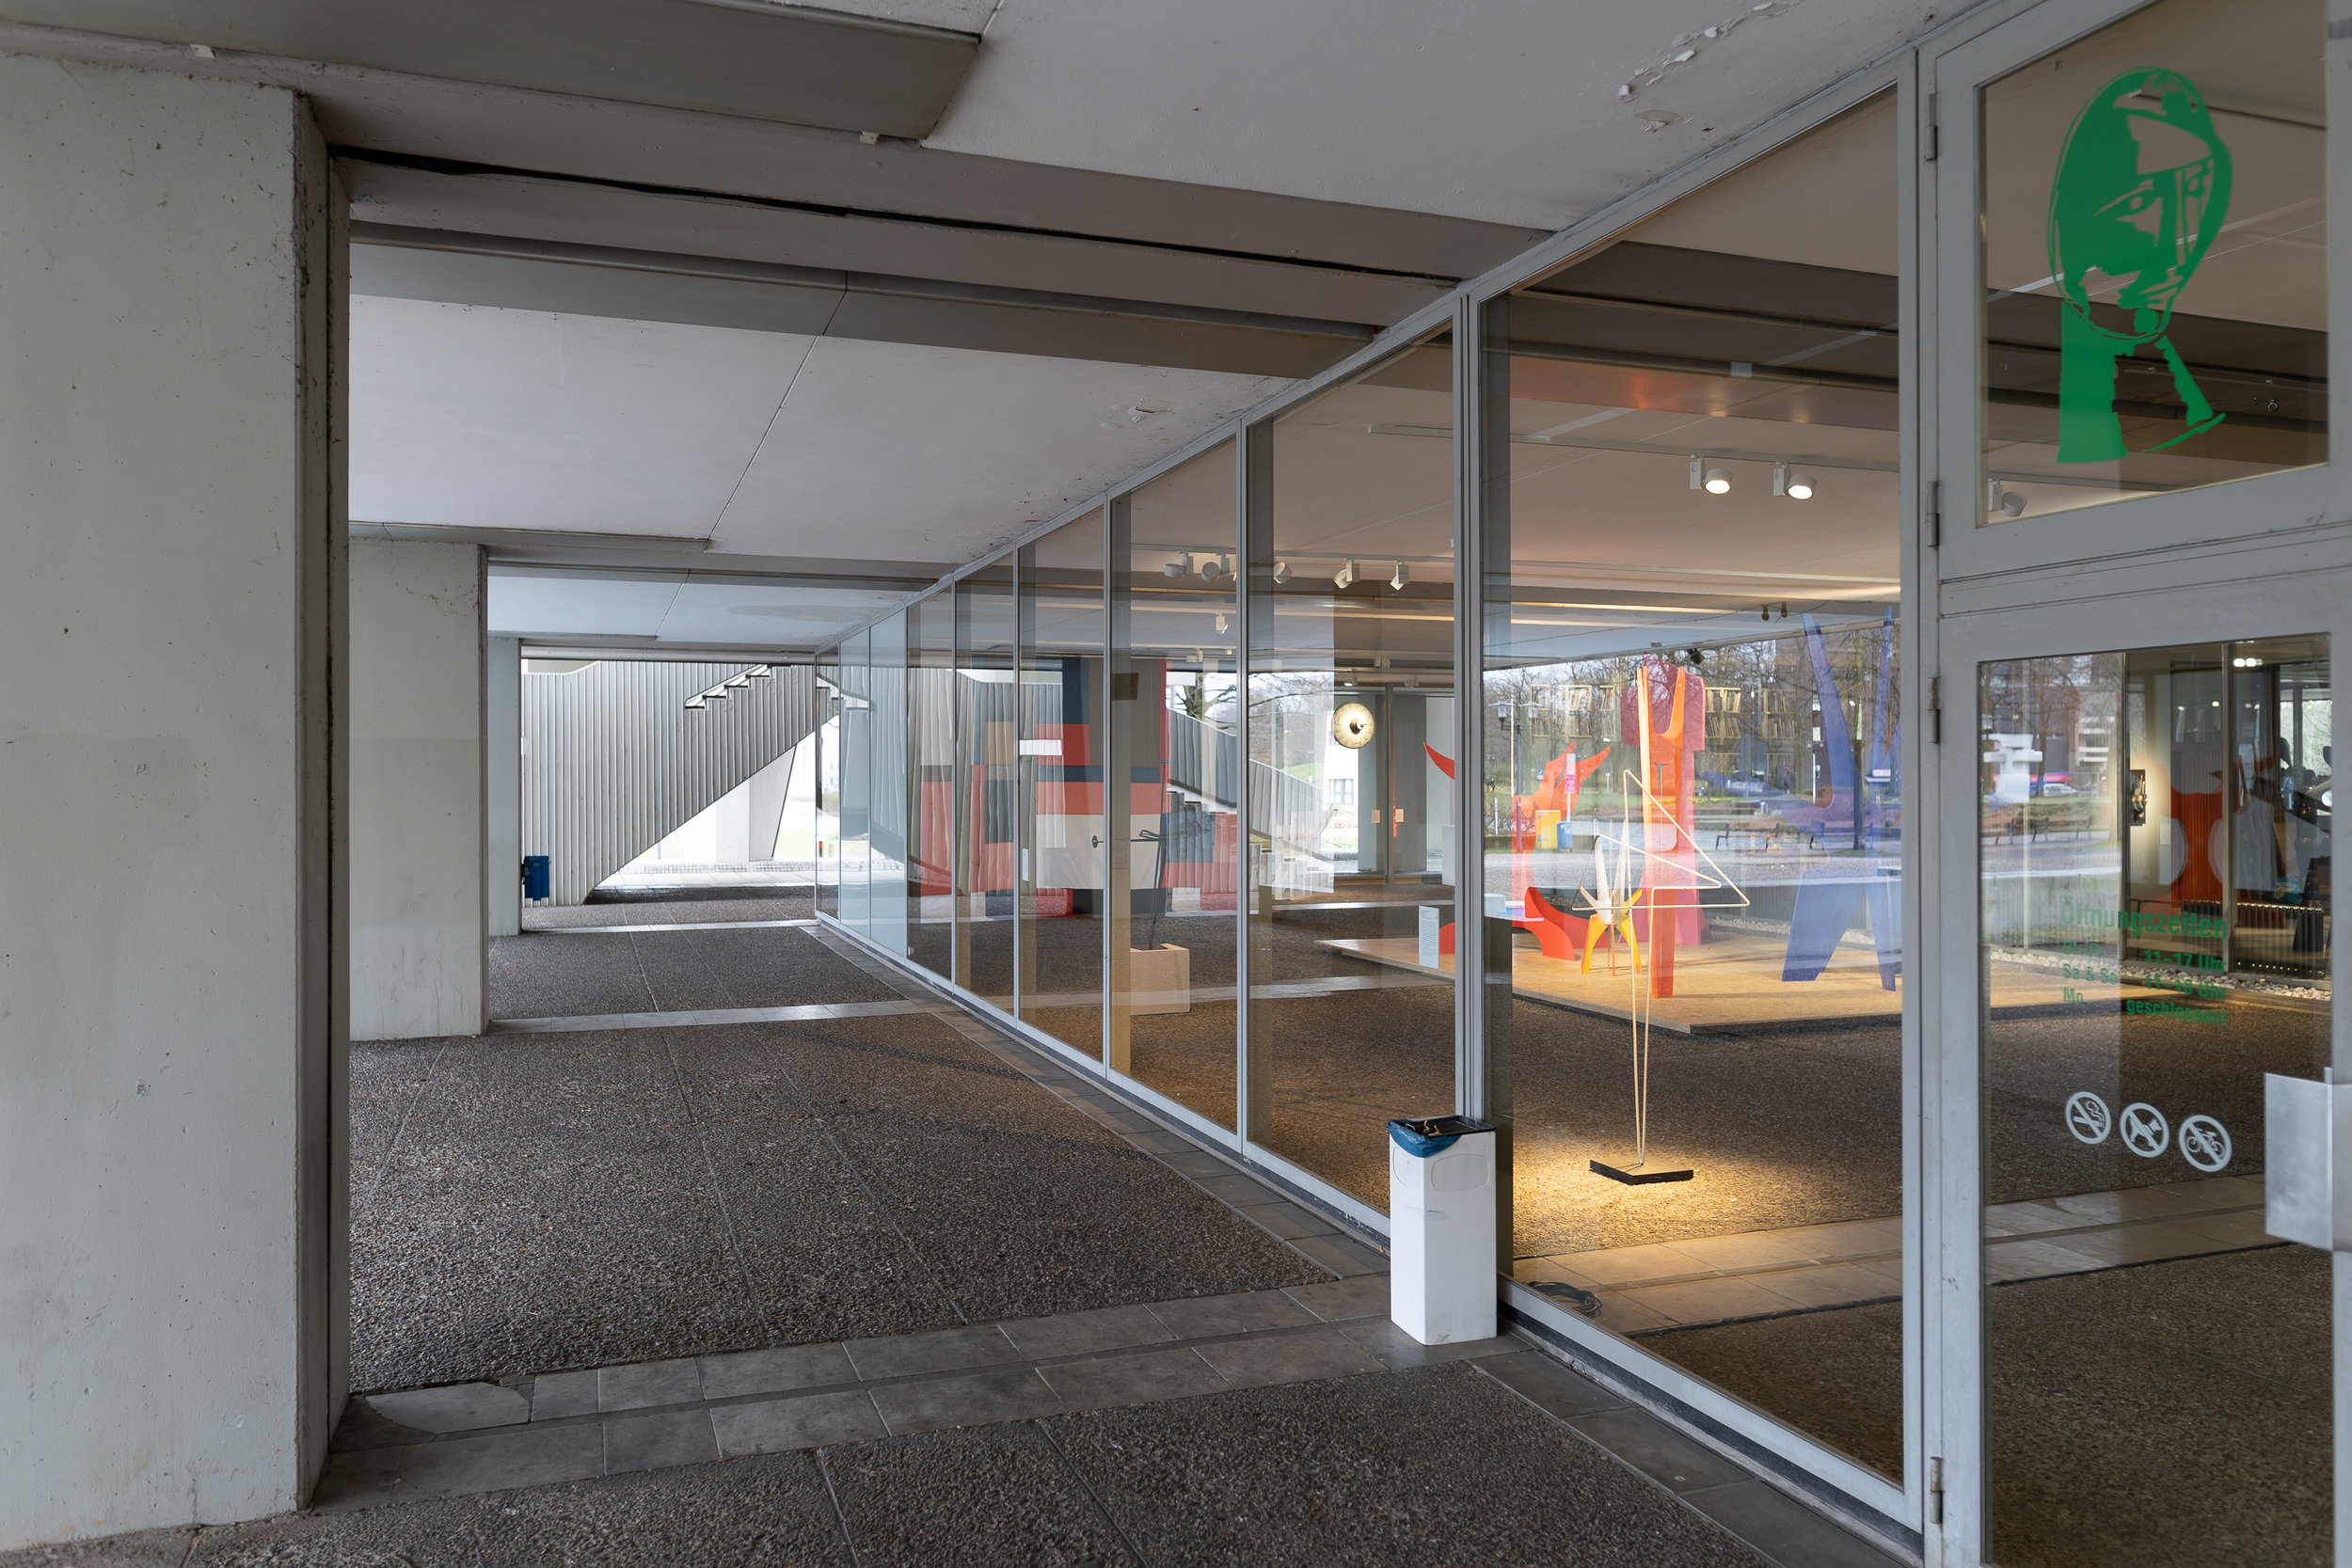 Das Skulpturenmuseum Glaskasten Marl – eine Oase der Kunst inmitten eines ausgezehrten Flickenteppichs aus Industrie